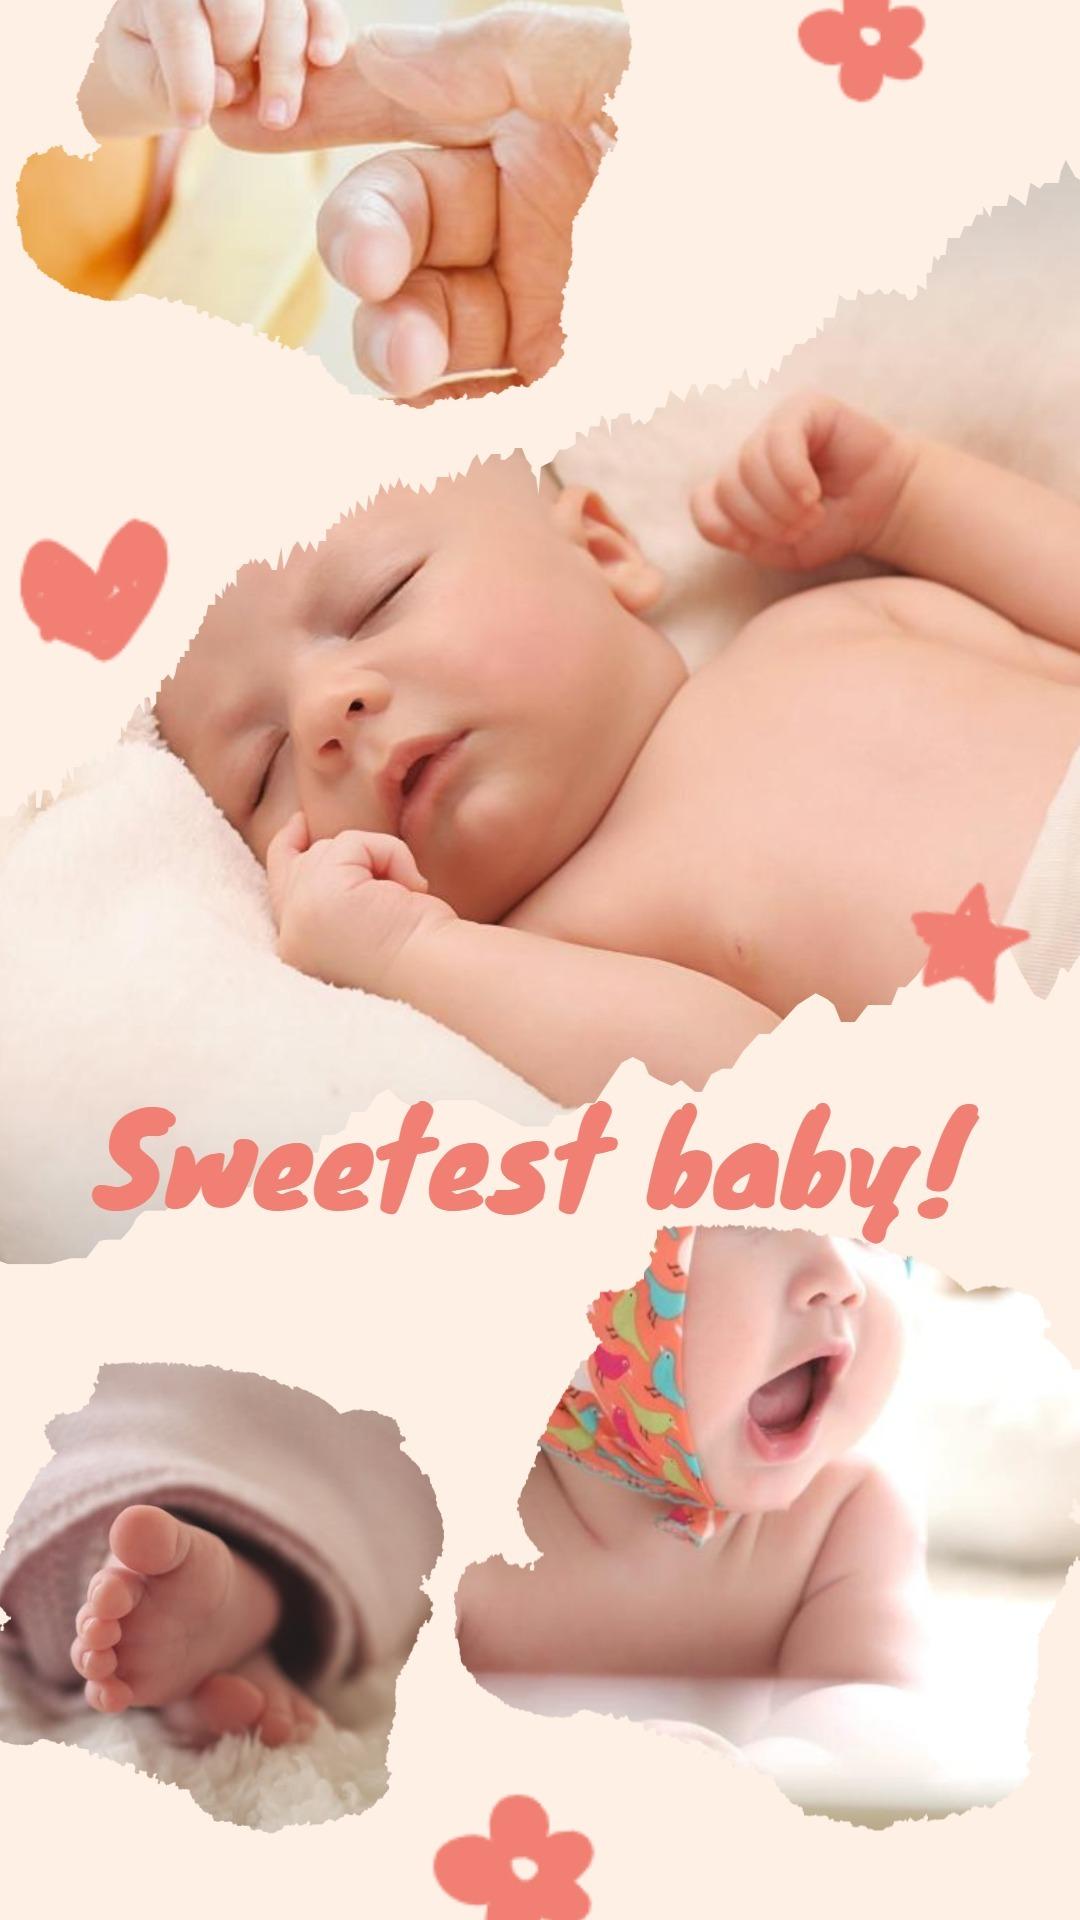 baby3_wl_20200116